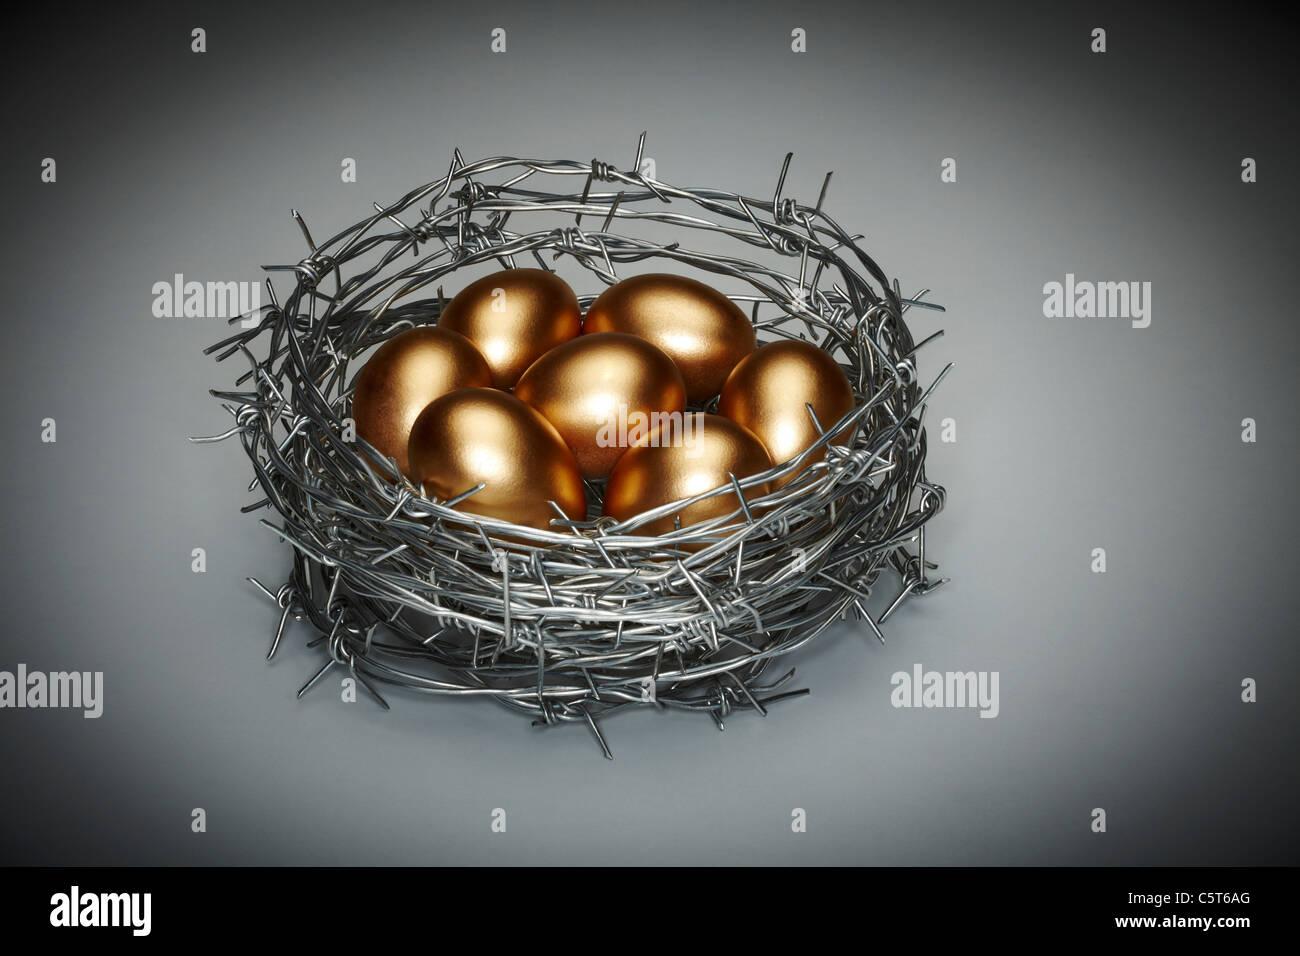 Nest Egg Concept Symbolizing Security - Stock Image